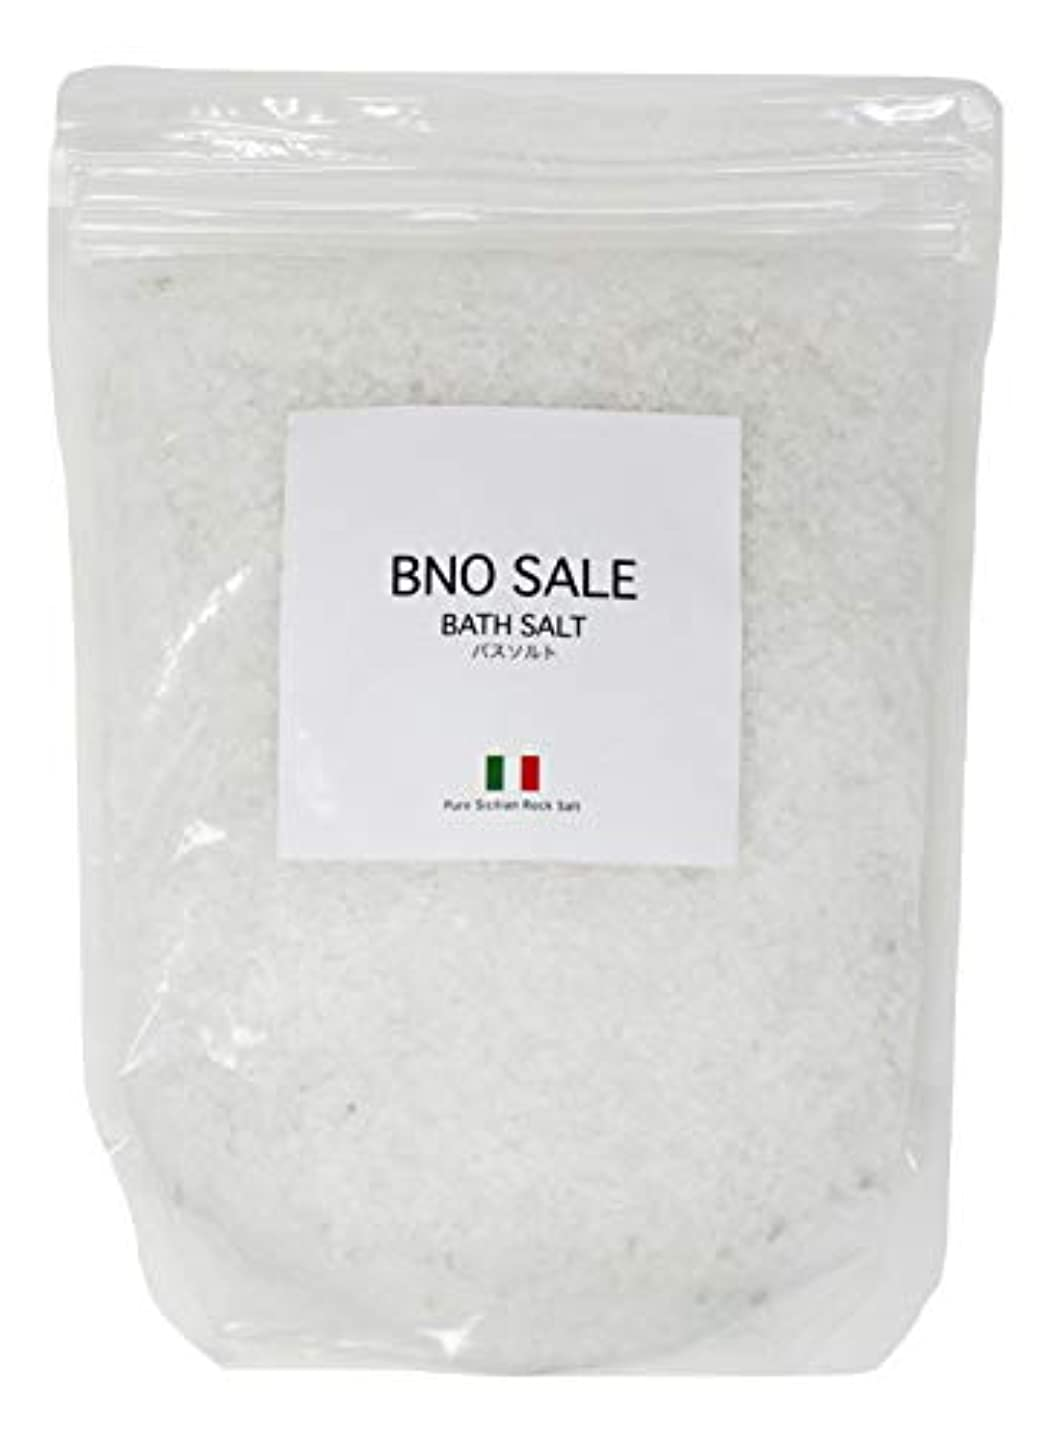 スリーブミシンブルーベルシチリア産 岩塩 2Kg バスソルト BNO SALE ヴィノサーレ マグネシウム 保湿 入浴剤 計量スプーン付